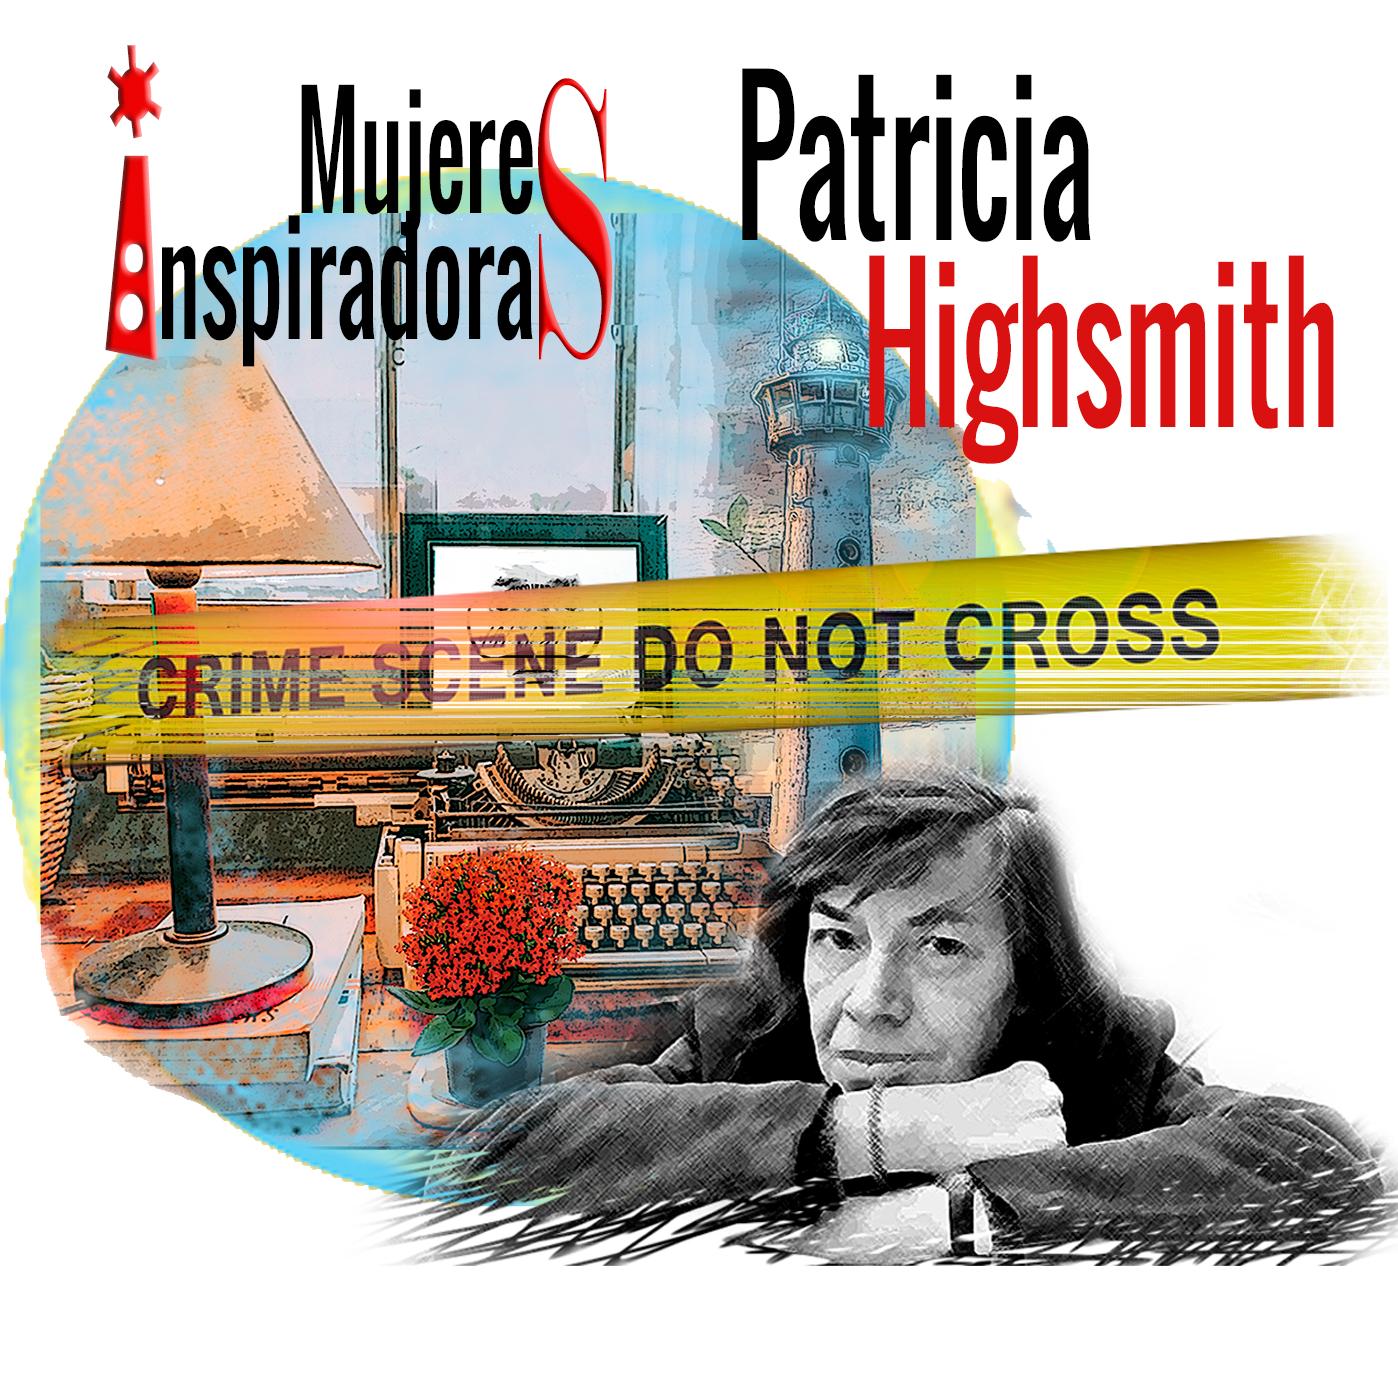 Mujeres inspiradoras Patricia Highsmith, con fondo collage con máquina escribir y un faro coloreados. Loco Mundo Arte y Bohemia